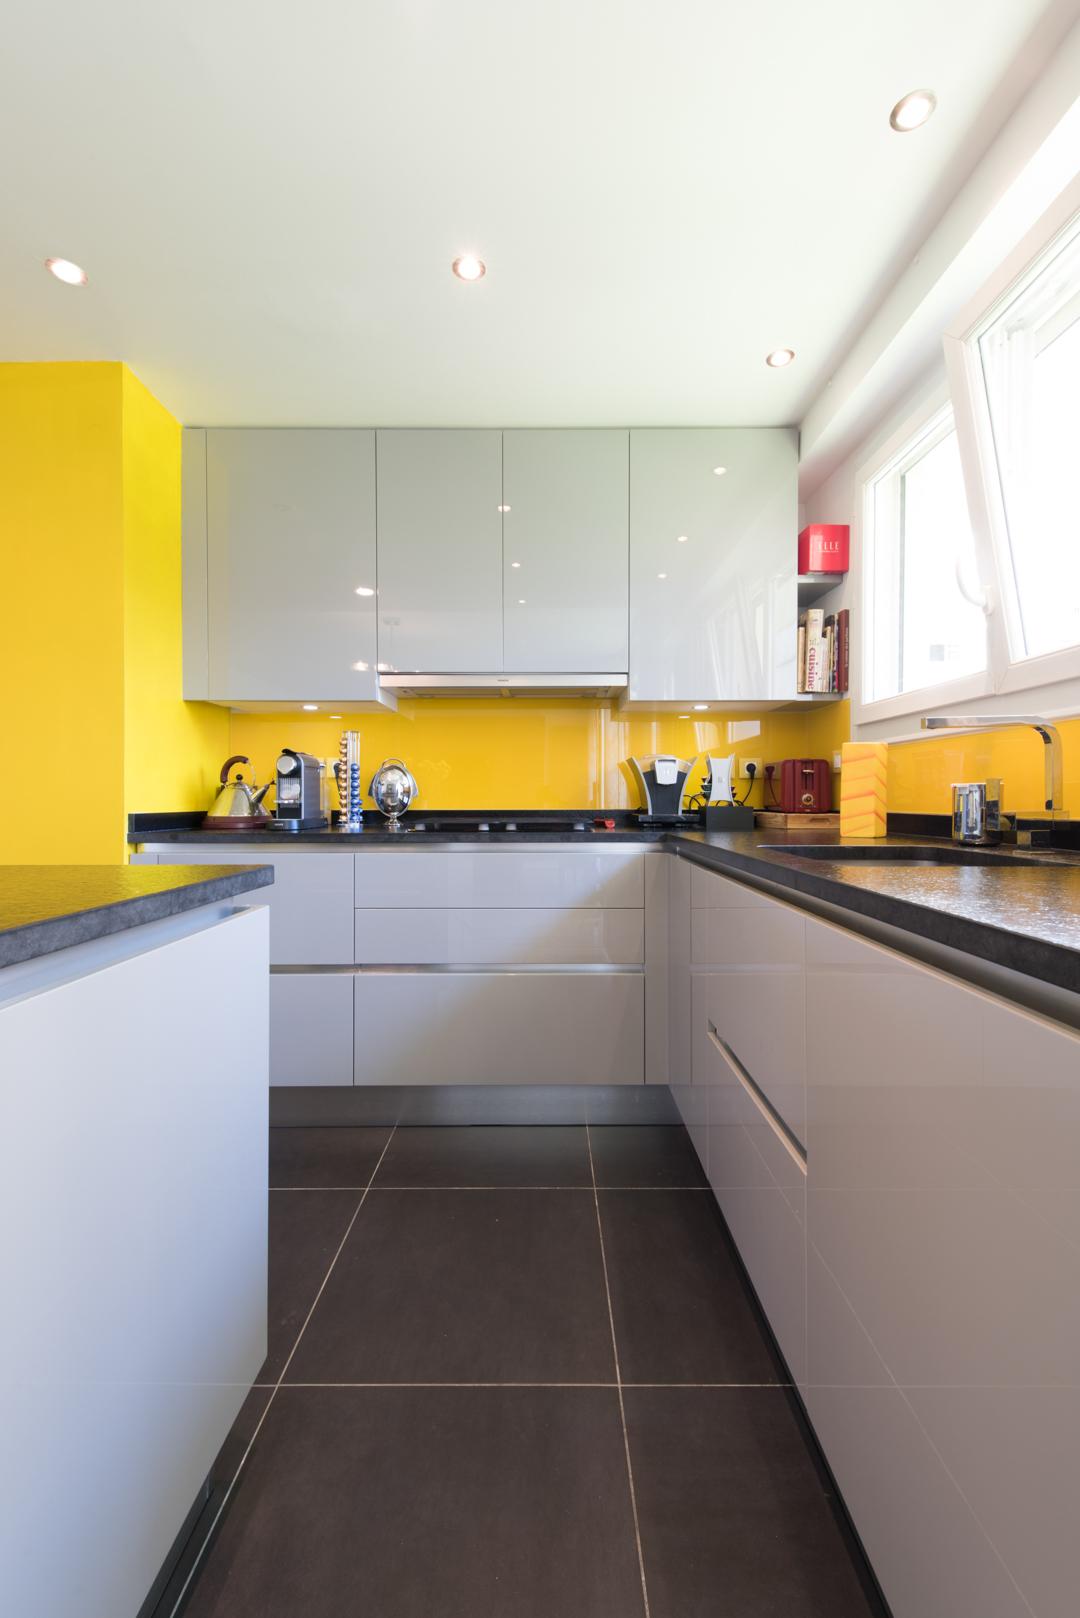 la cuisine dans le bain awesome la cuisine dans le bain with la cuisine dans le bain good. Black Bedroom Furniture Sets. Home Design Ideas